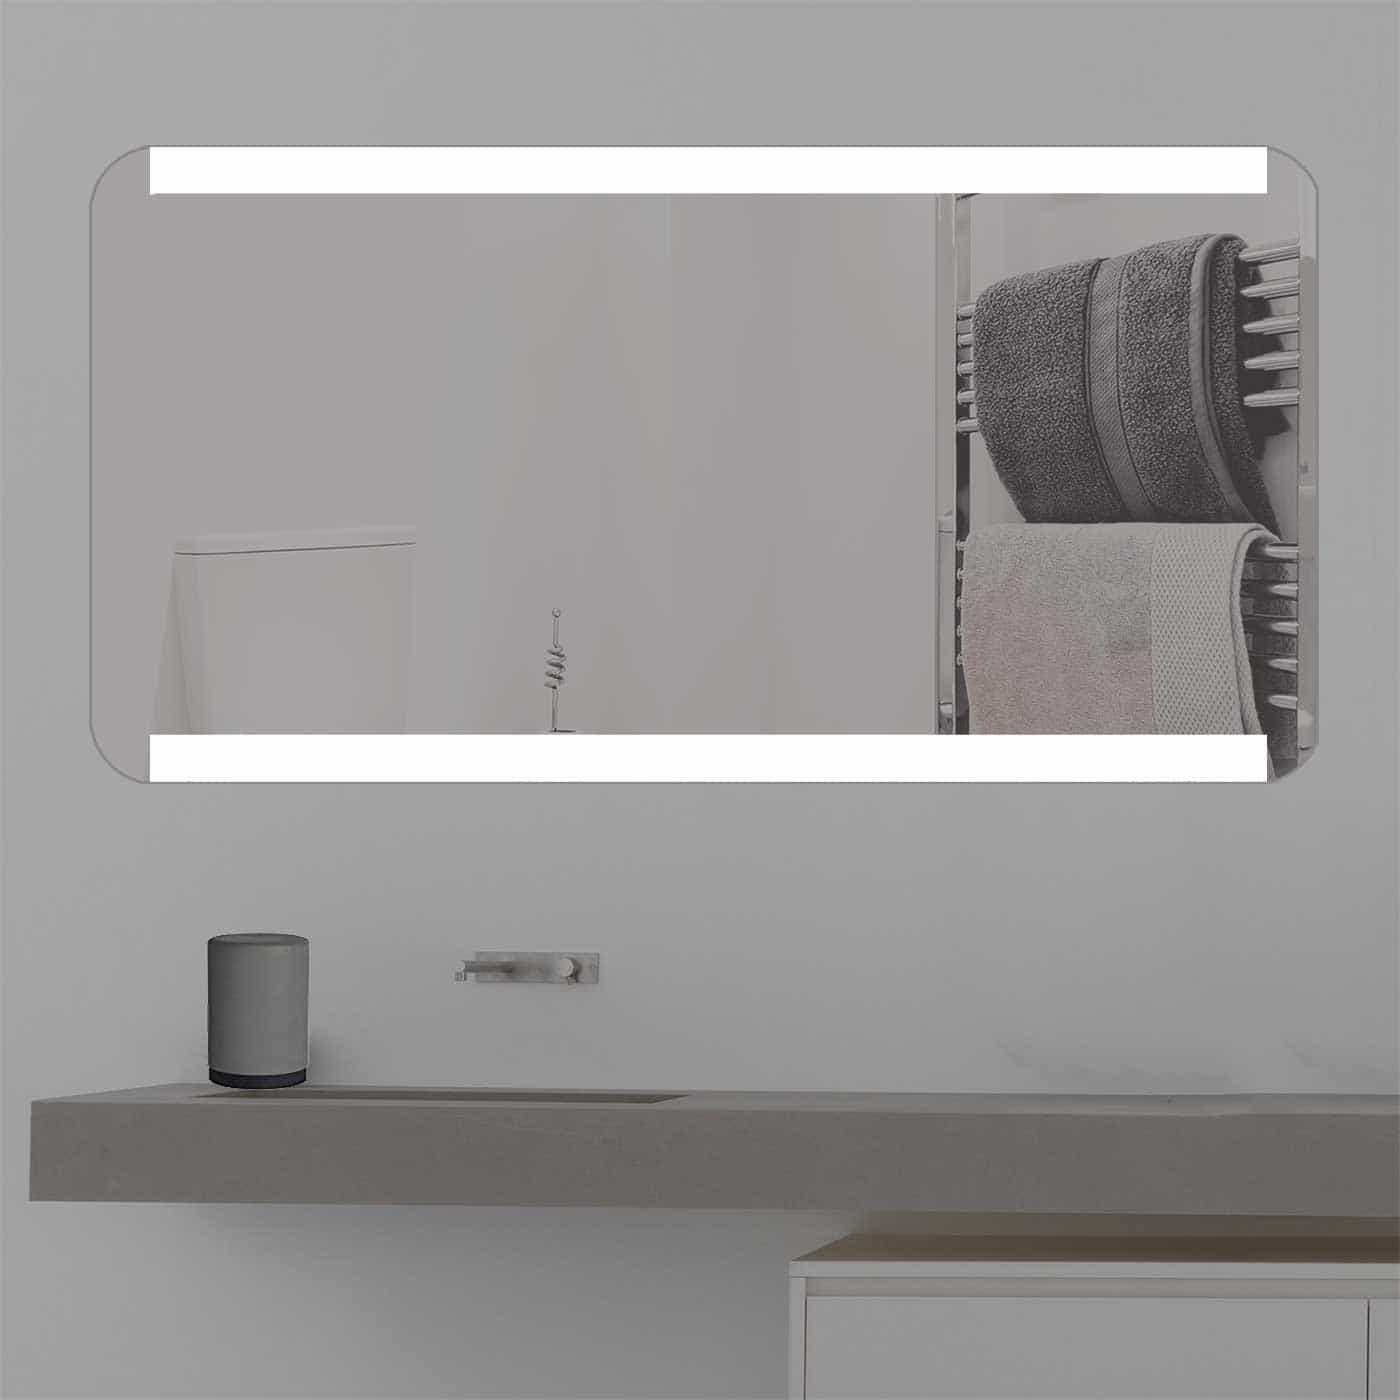 badspiegel mit licht online kaufen k 371. Black Bedroom Furniture Sets. Home Design Ideas